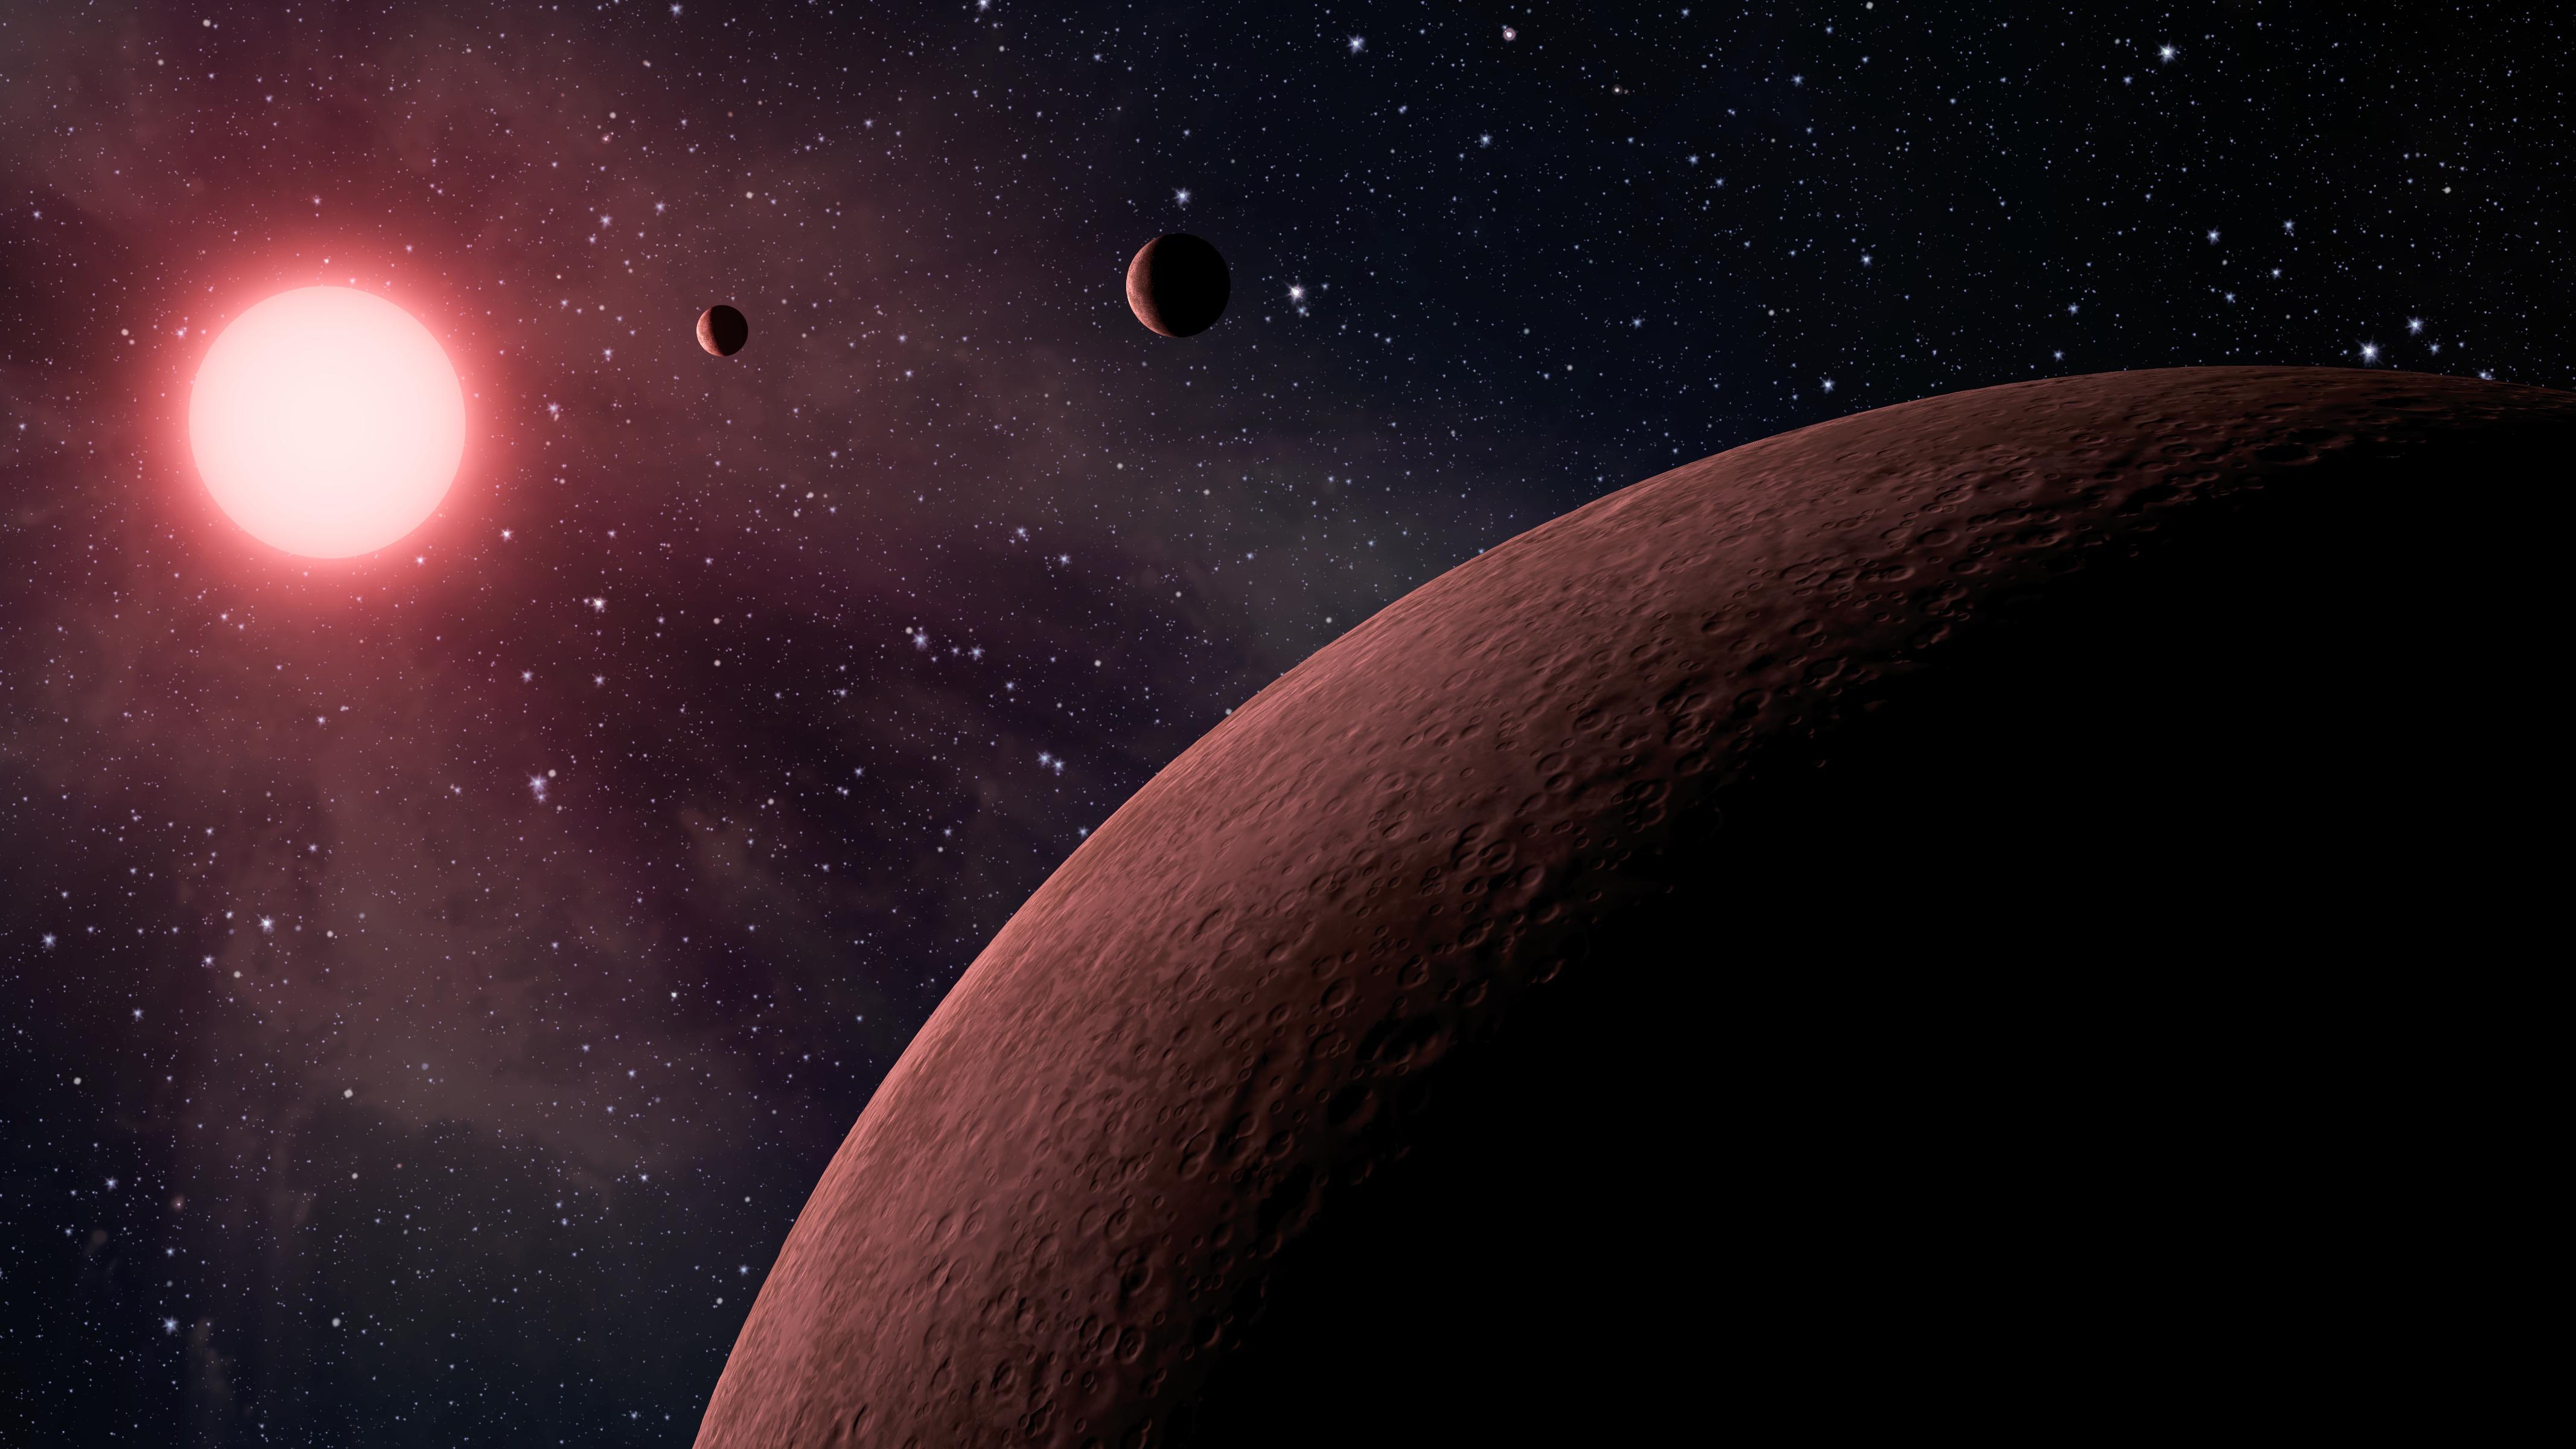 🚀 NASA ogolosyla svij plan, jak dostavyty častynu Marsu do Zemli